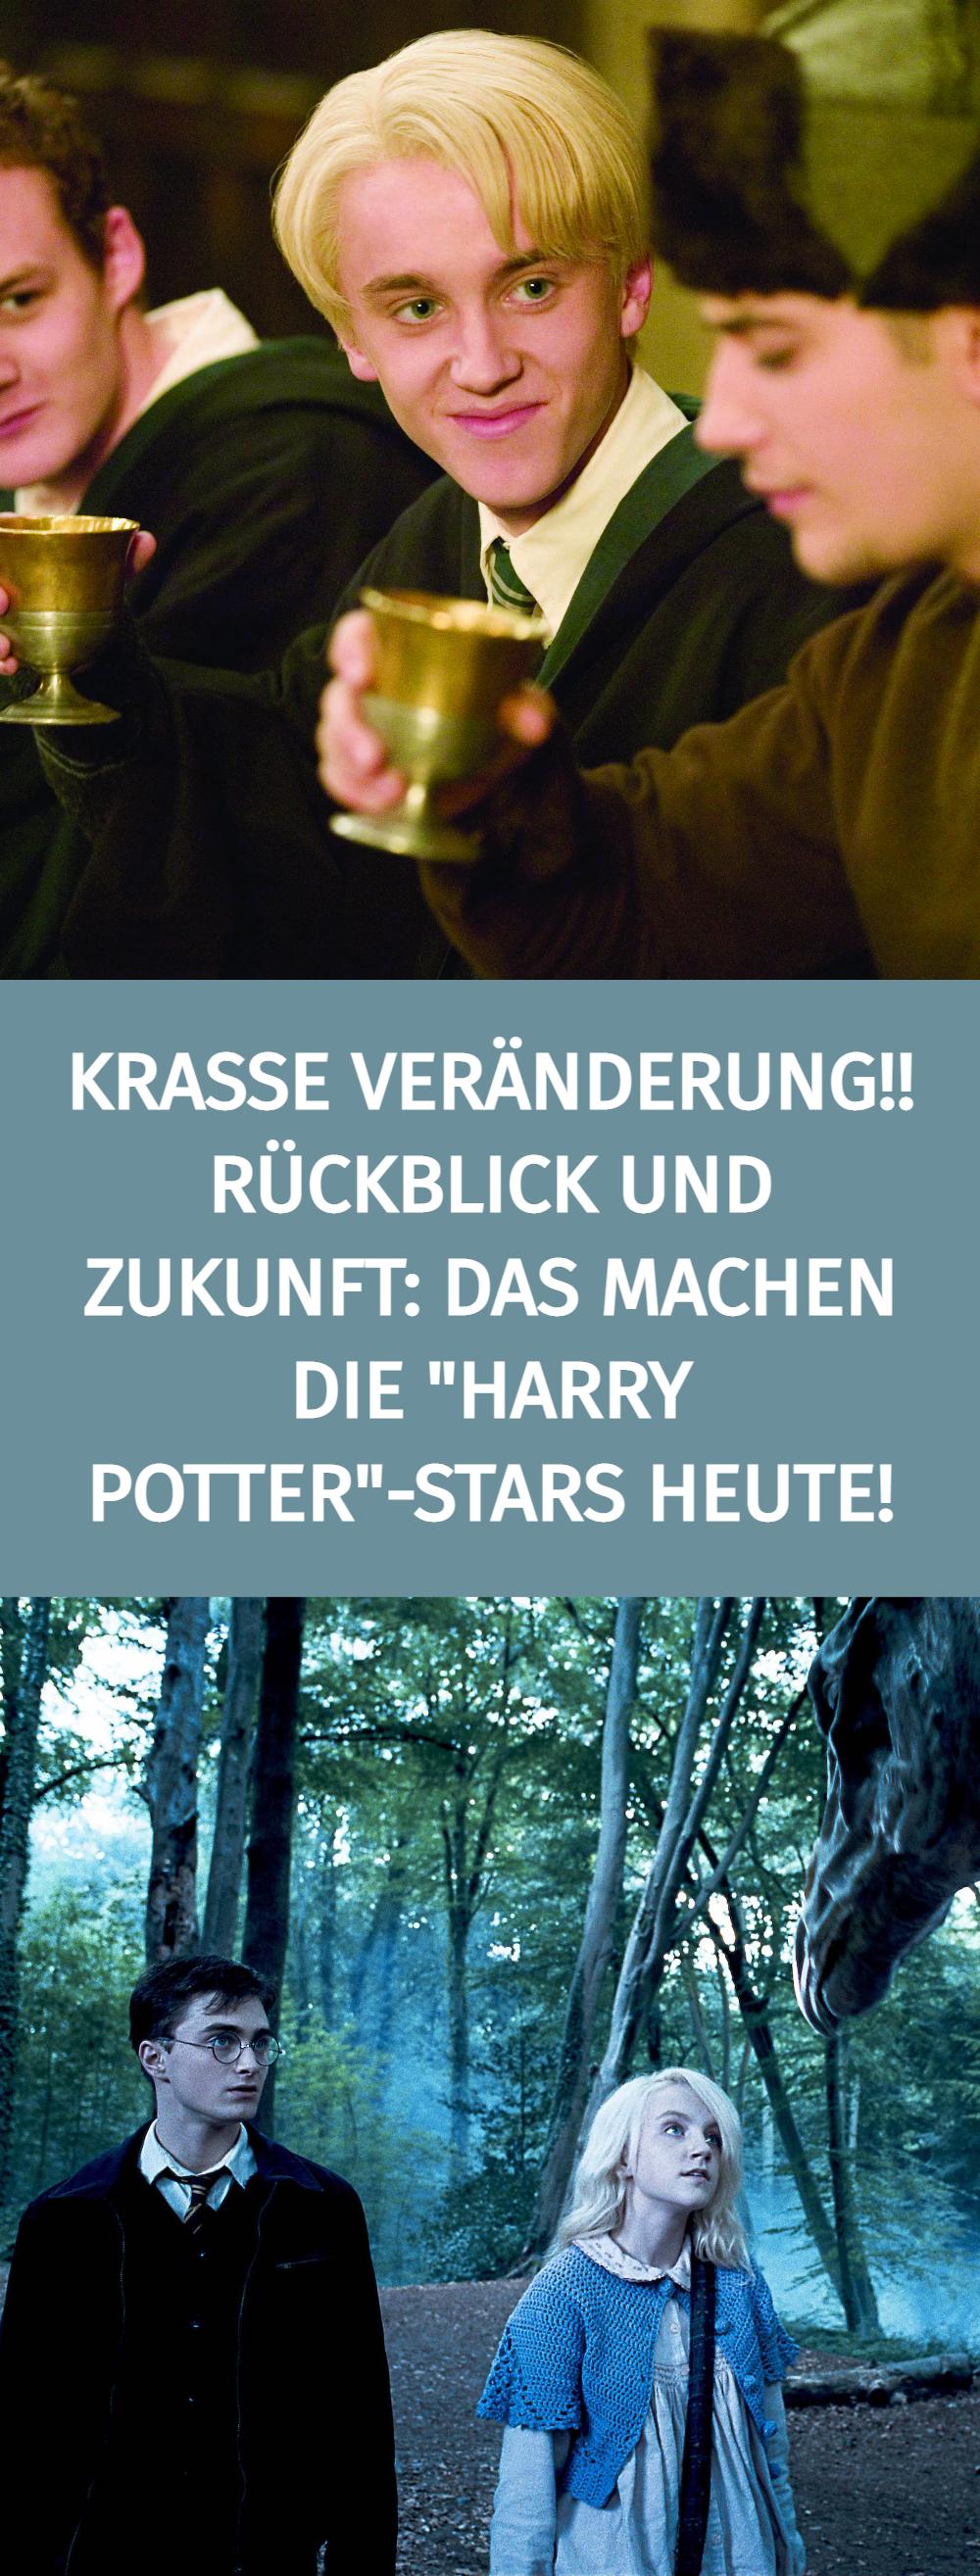 20 Jahre Ist Es Her Dass Der Erste Harry Potter Teil In Die Kinos Kam Doch Was Wurde Aus Harry Ron Hermine Und Co Das Machen Die In 2021 Filme Ron Weasley Kino